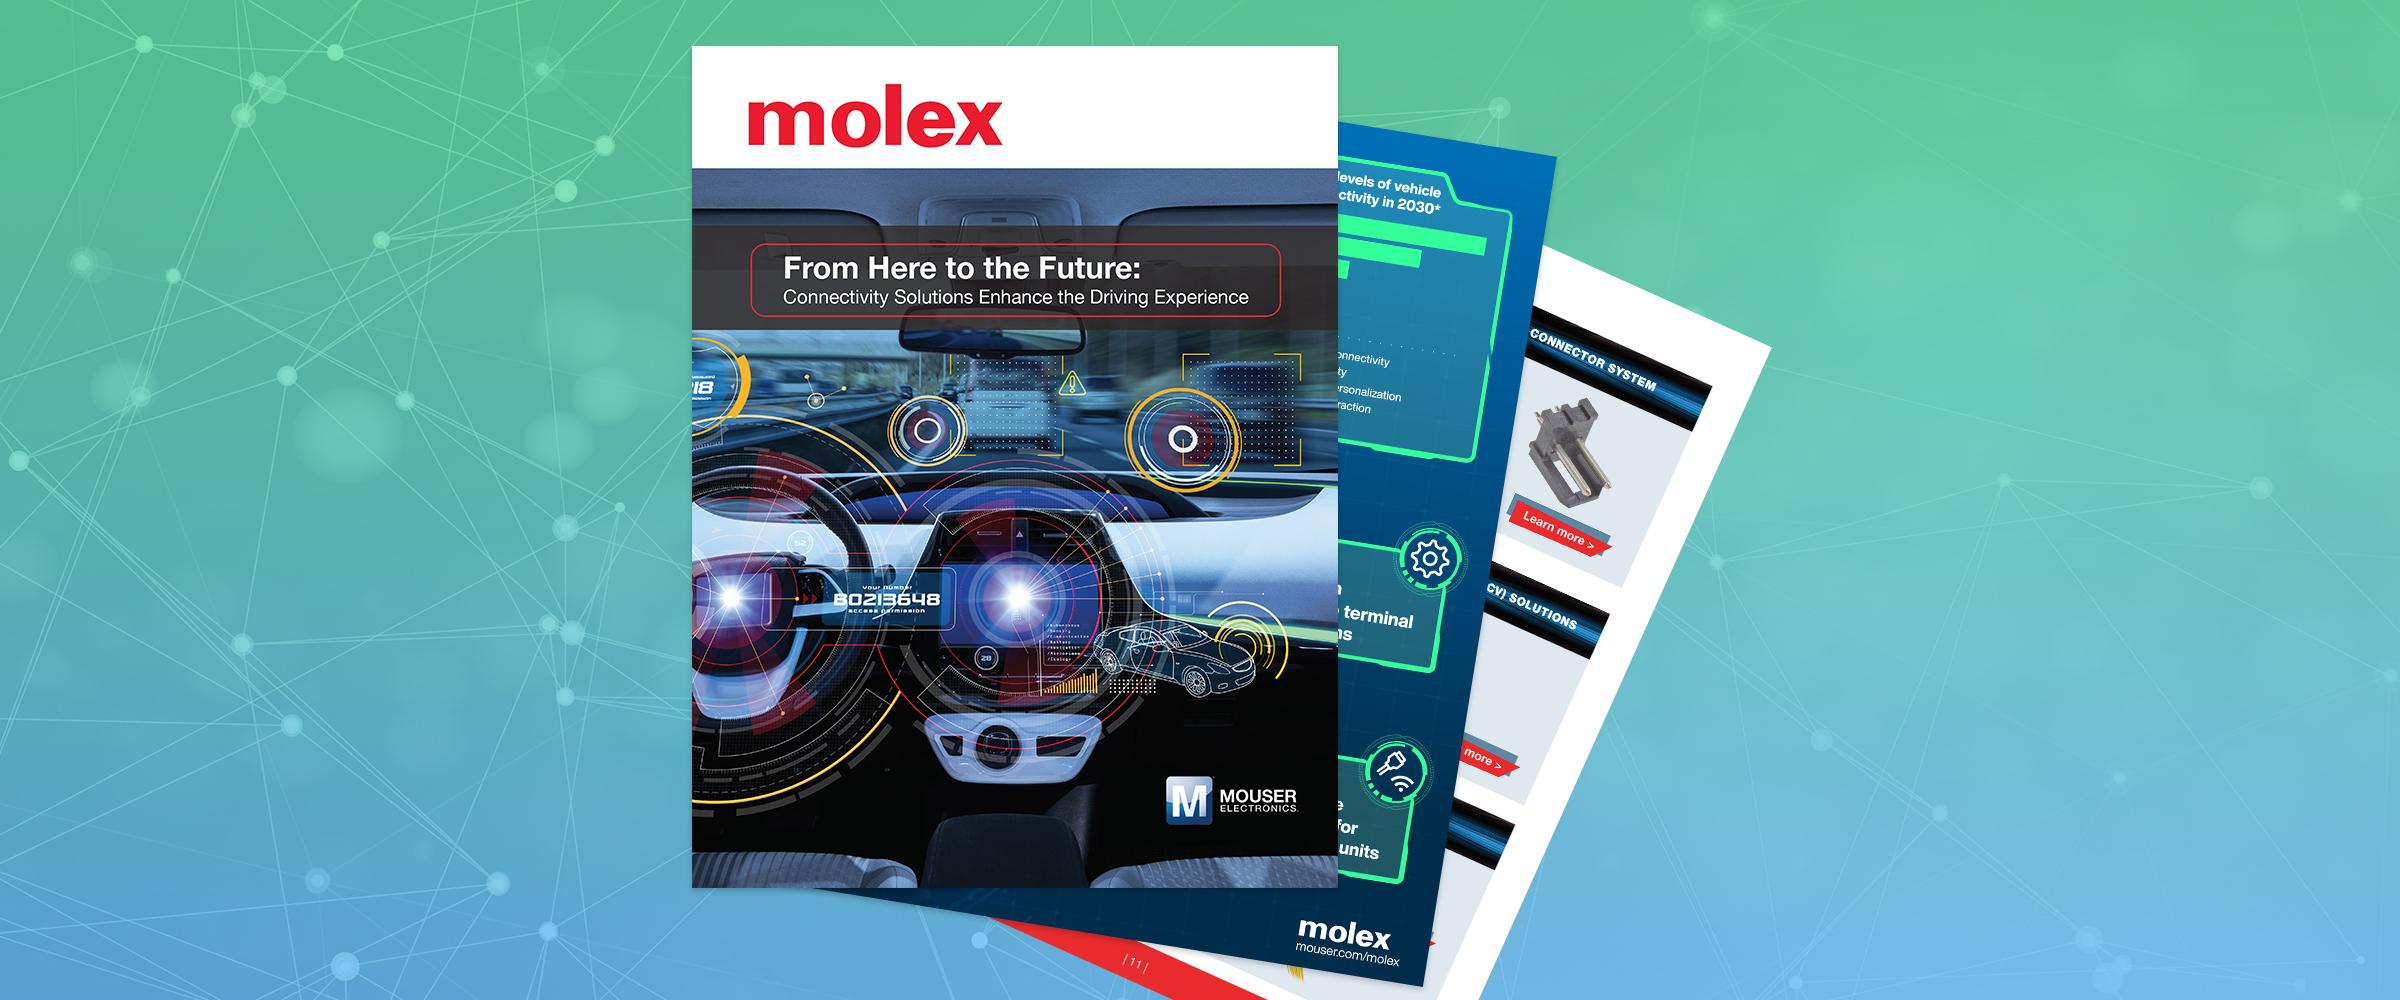 贸泽和Molex联手推出新电子书探索连接解决方案如何改变驾驶体验